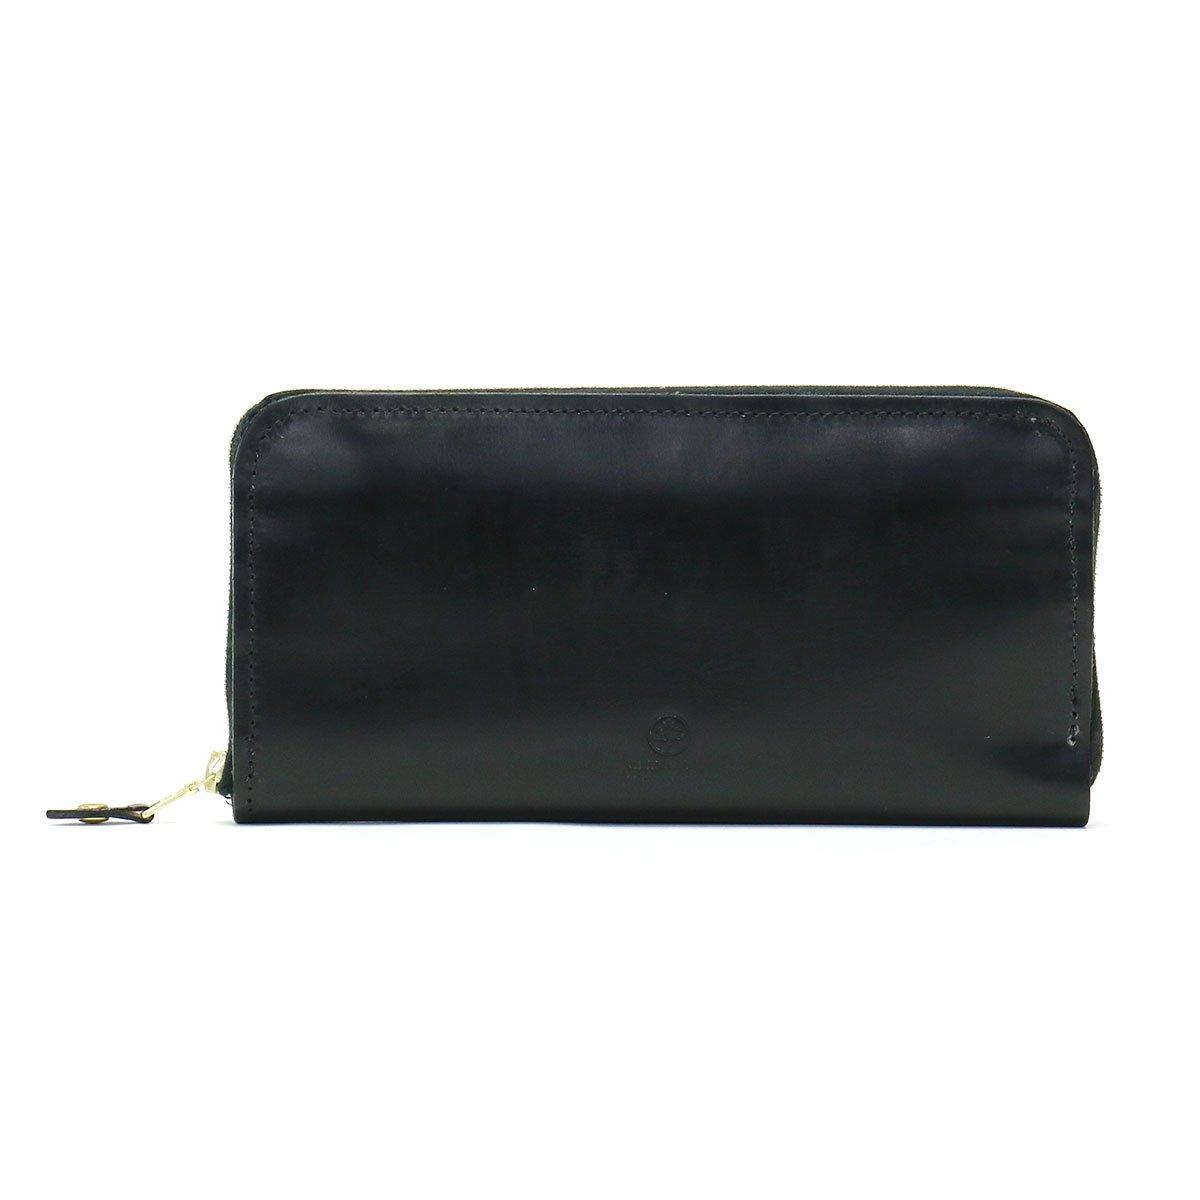 [グレンロイヤル] GLENROYAL 財布 長財布 ラウンドファスナー 03-6029 B06X6LW3KT  NEW_BLACK(ブラック)